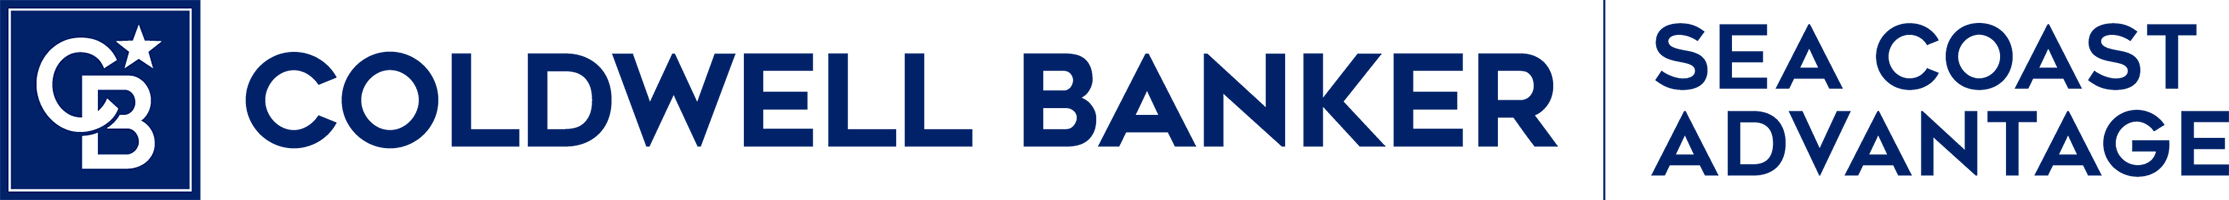 Coldwell Banker SeaCoast Advantage logo